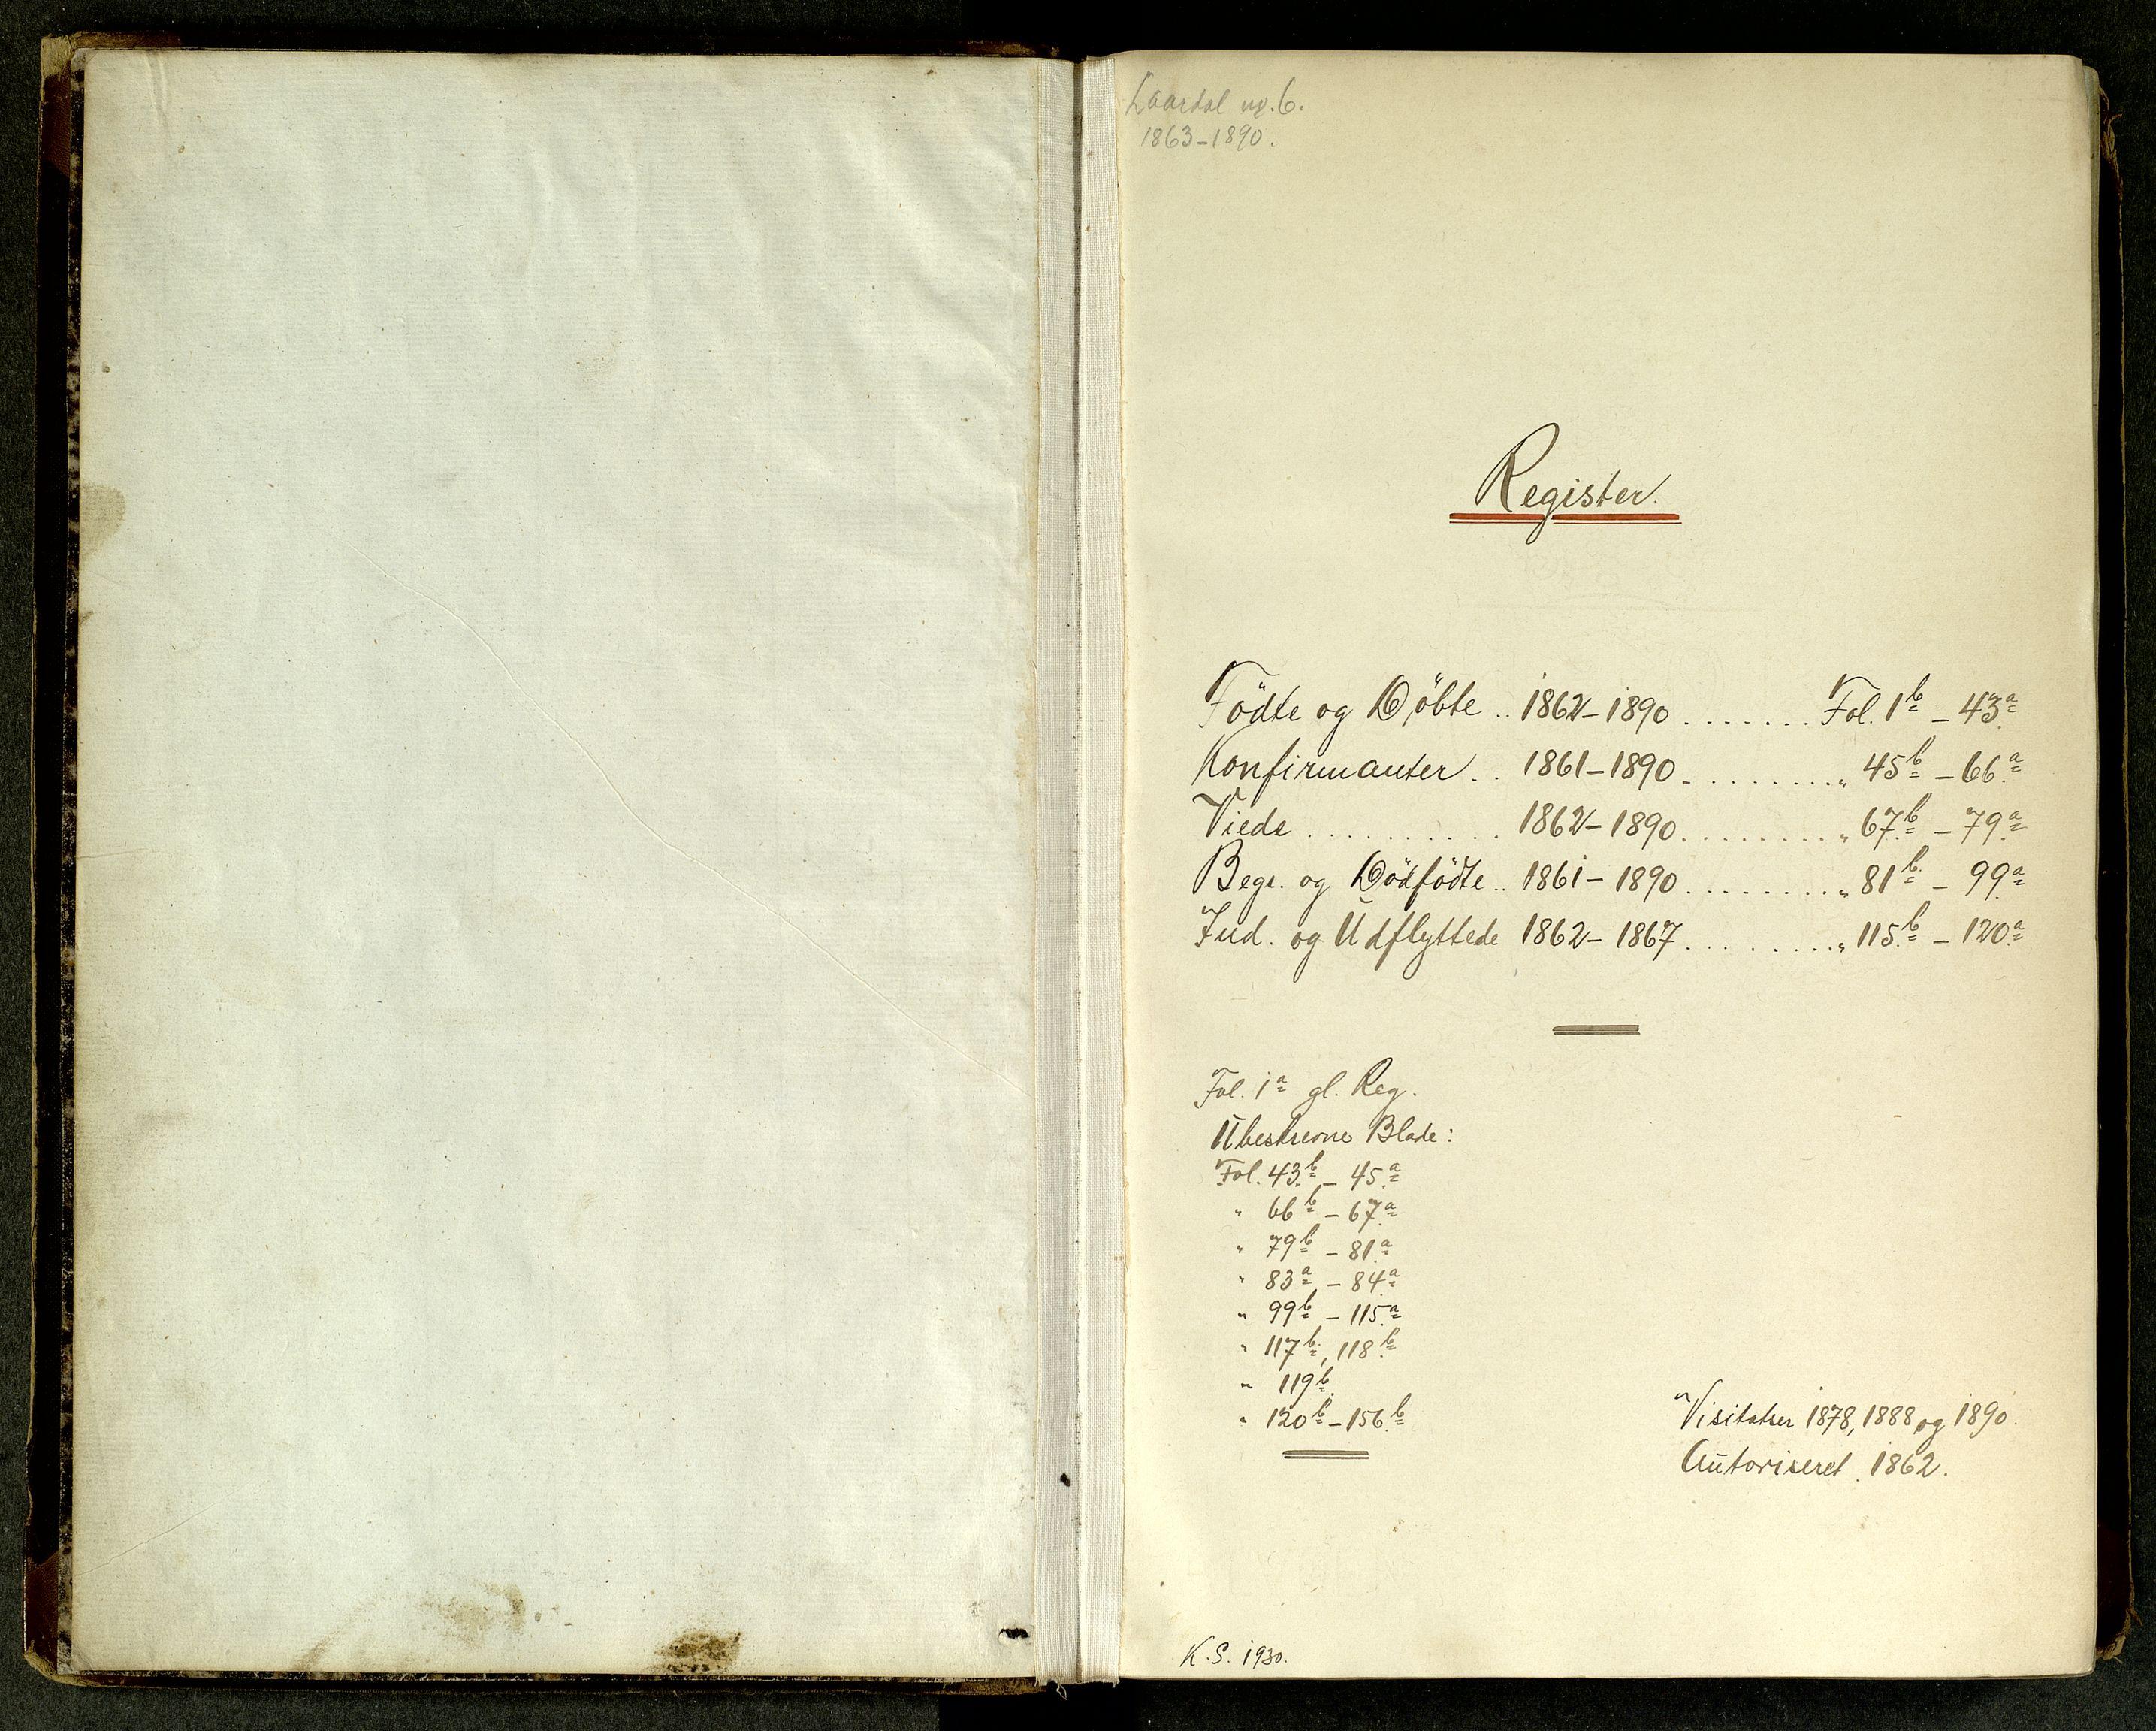 SAKO, Lårdal kirkebøker, G/Ga/L0002: Klokkerbok nr. I 2, 1861-1890